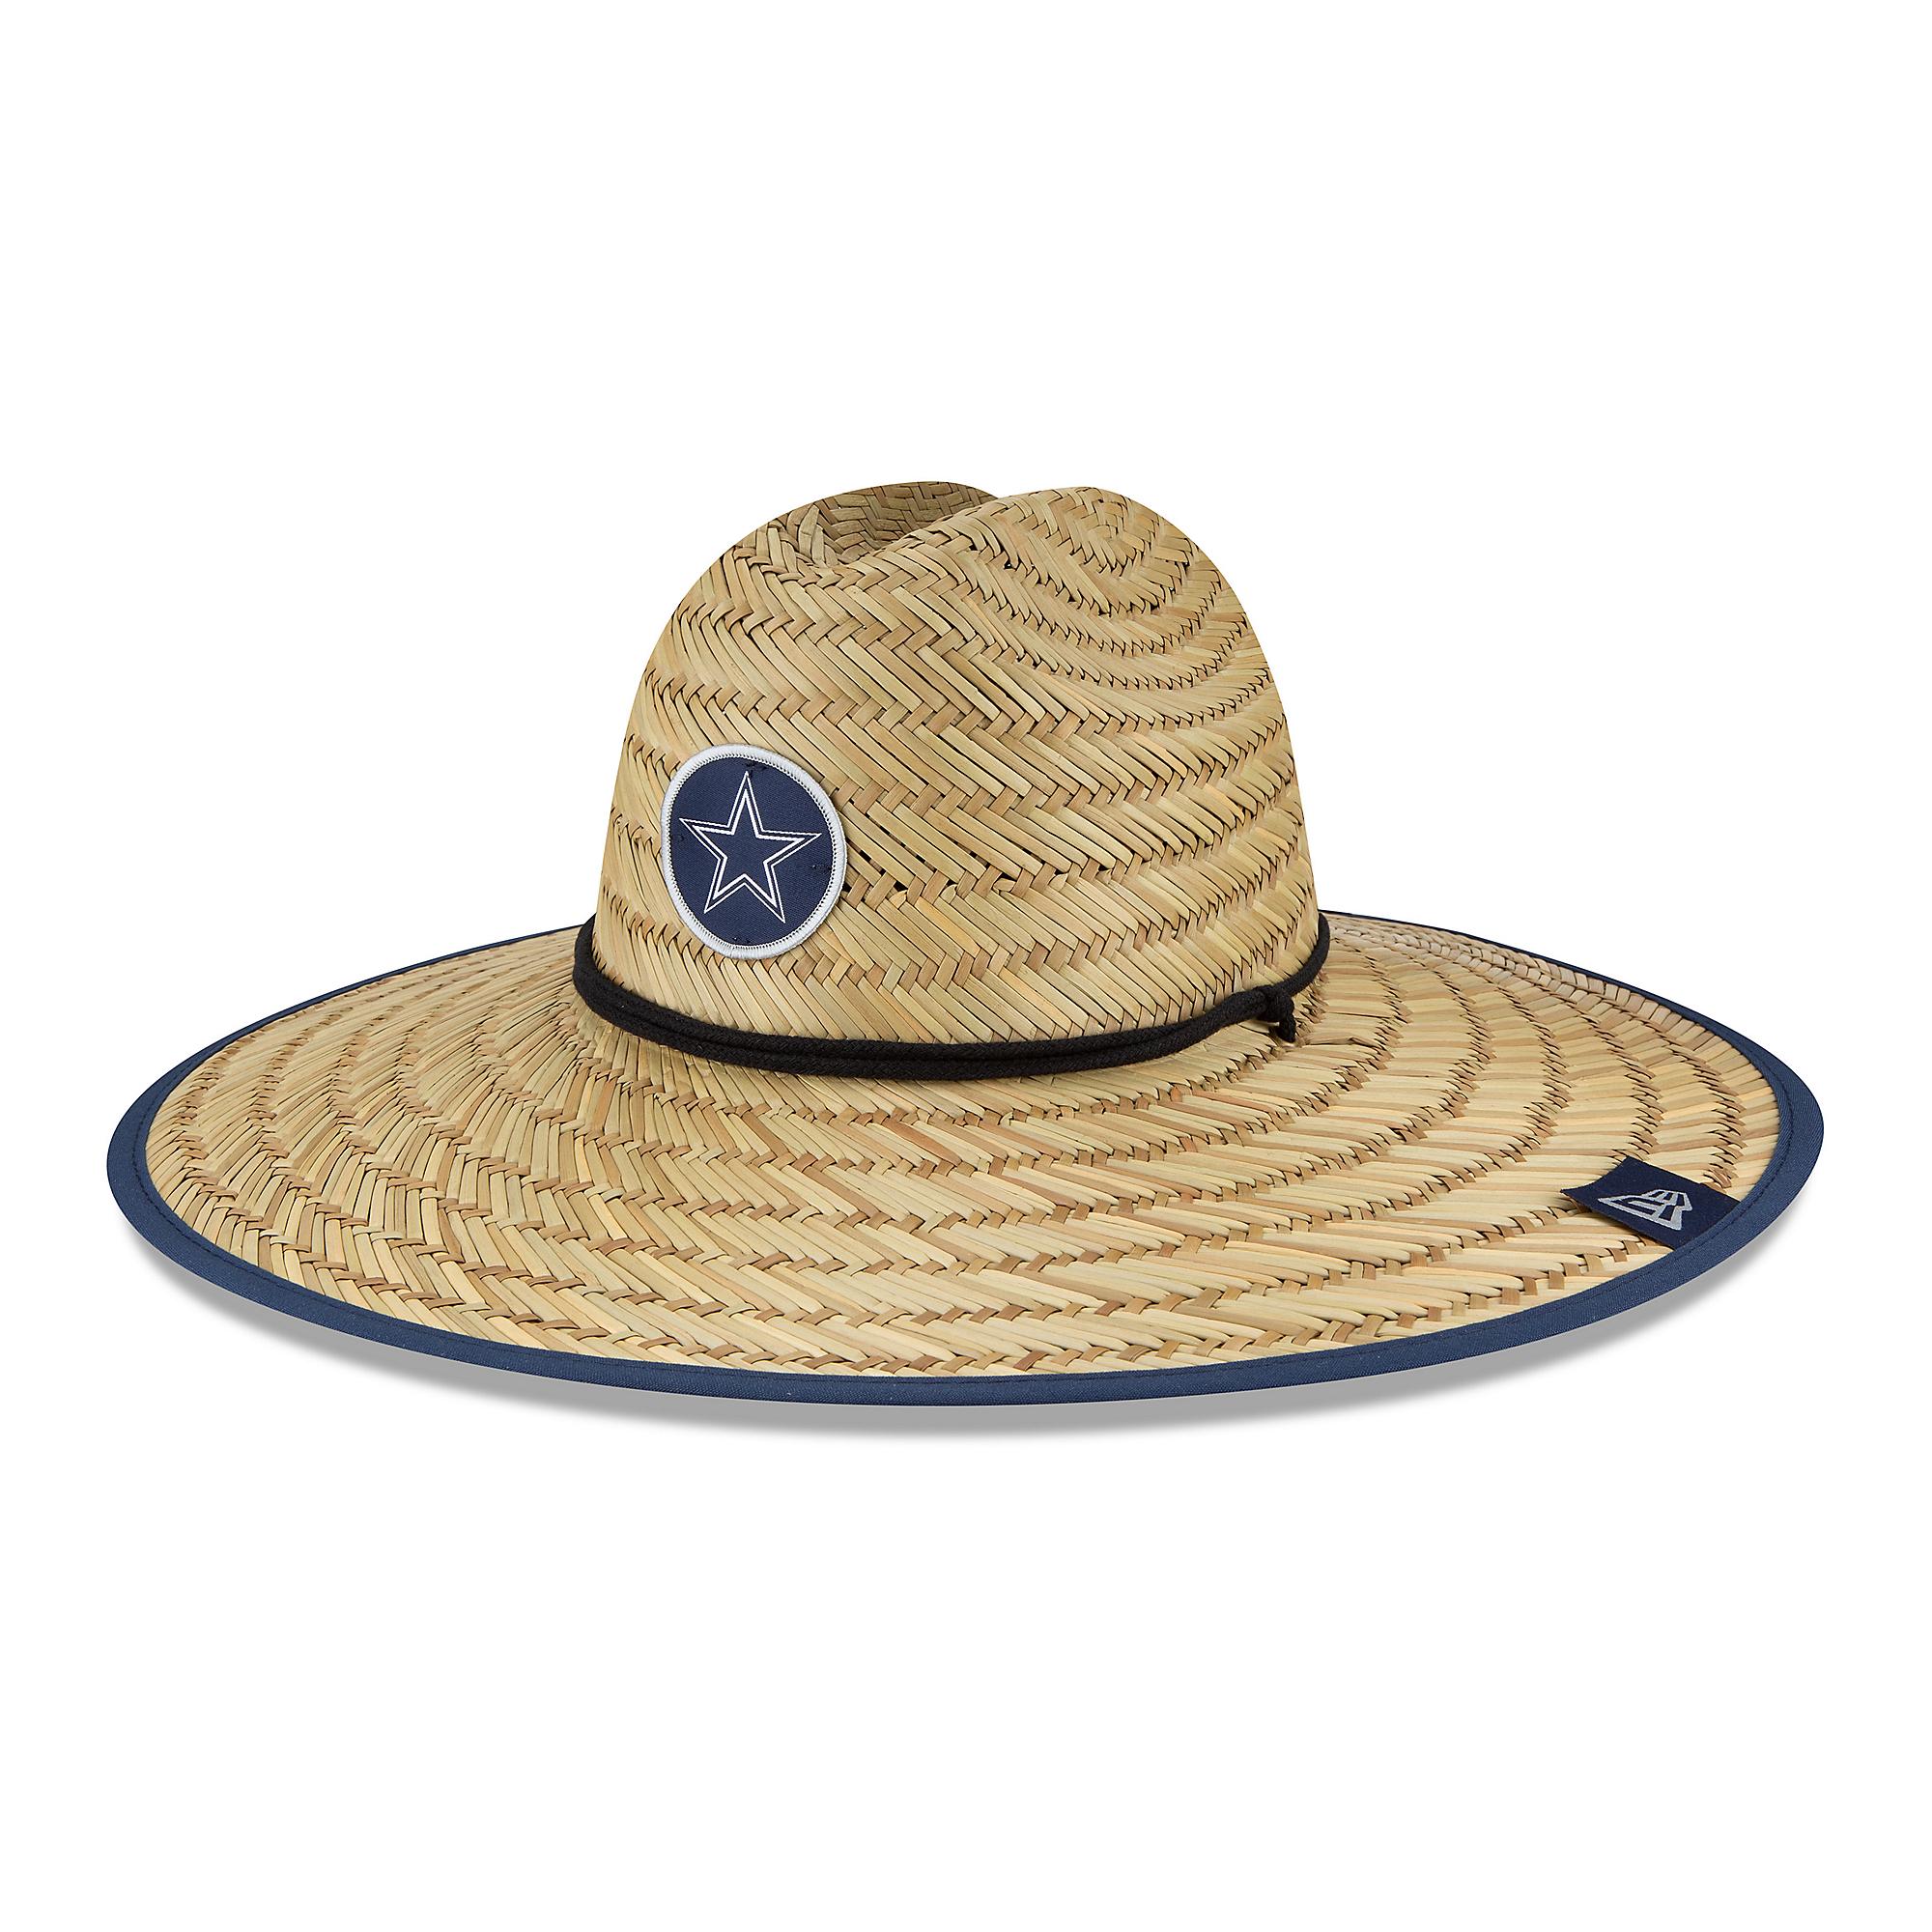 Dallas Cowboys New Era Summer Sideline Mens Straw Hat